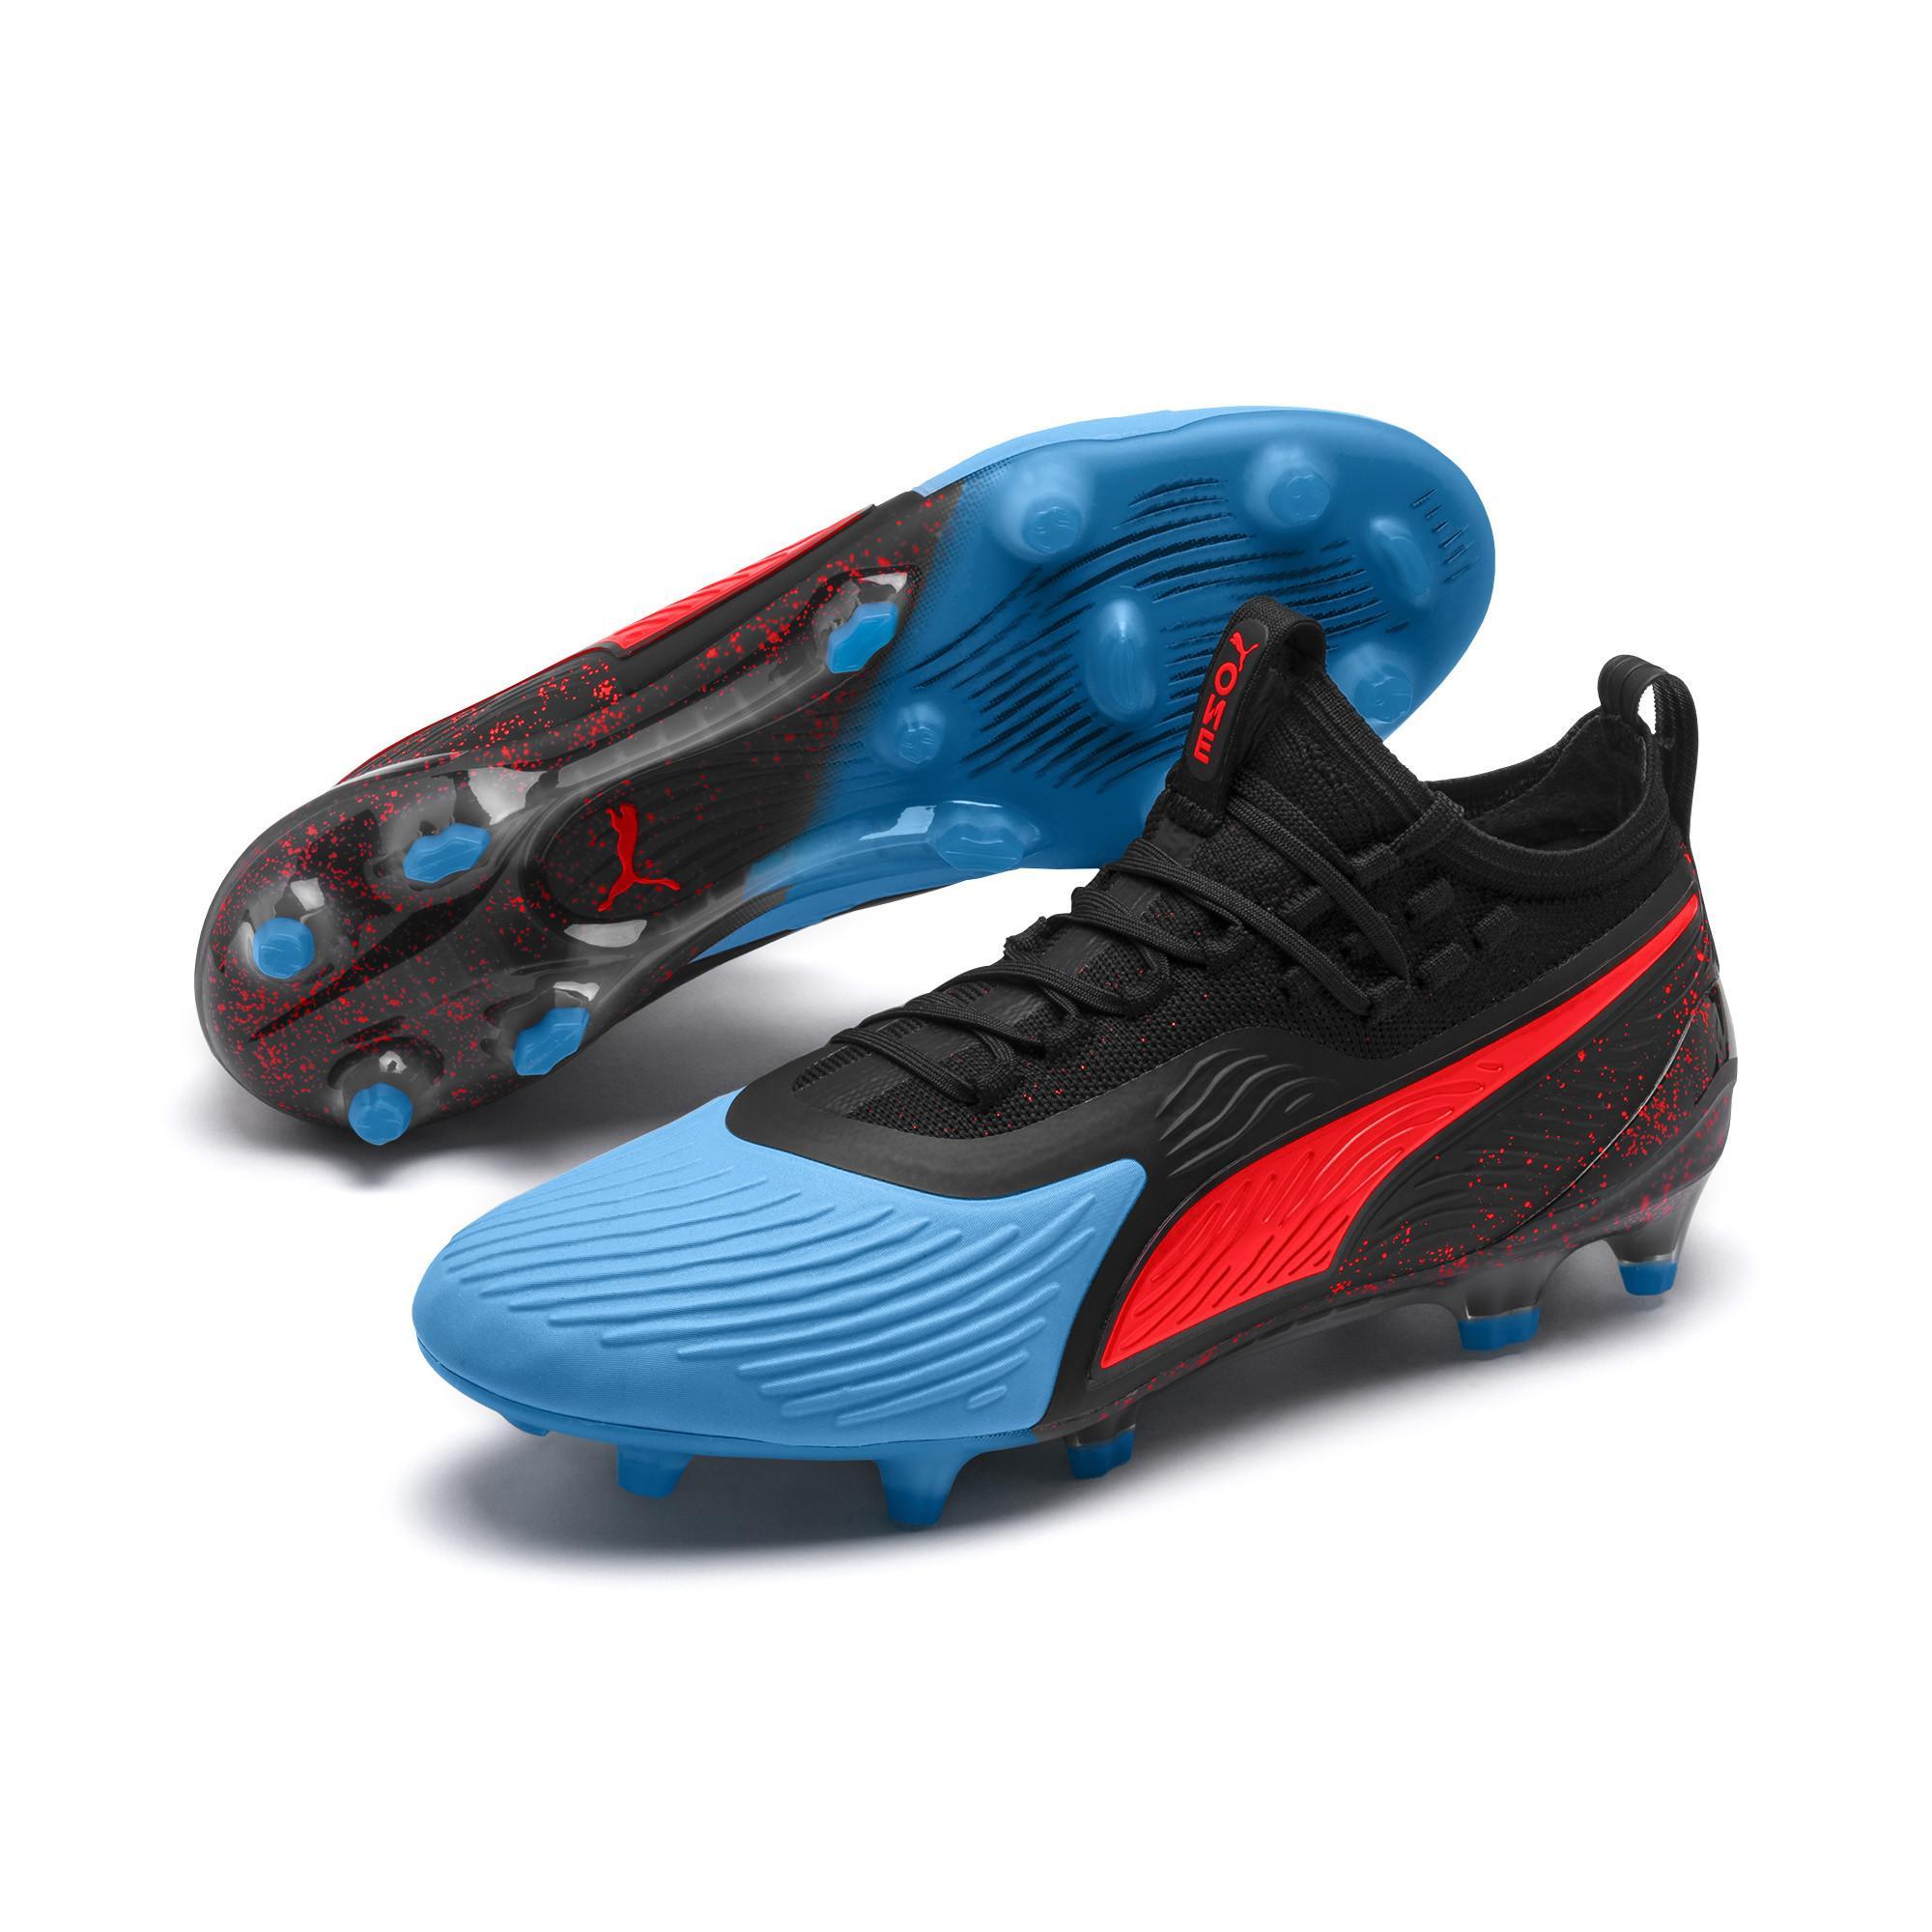 9c9ed242ef7d Lyst - PUMA One 19.1 Syn Fg ag Men s Soccer Cleats in Blue for Men